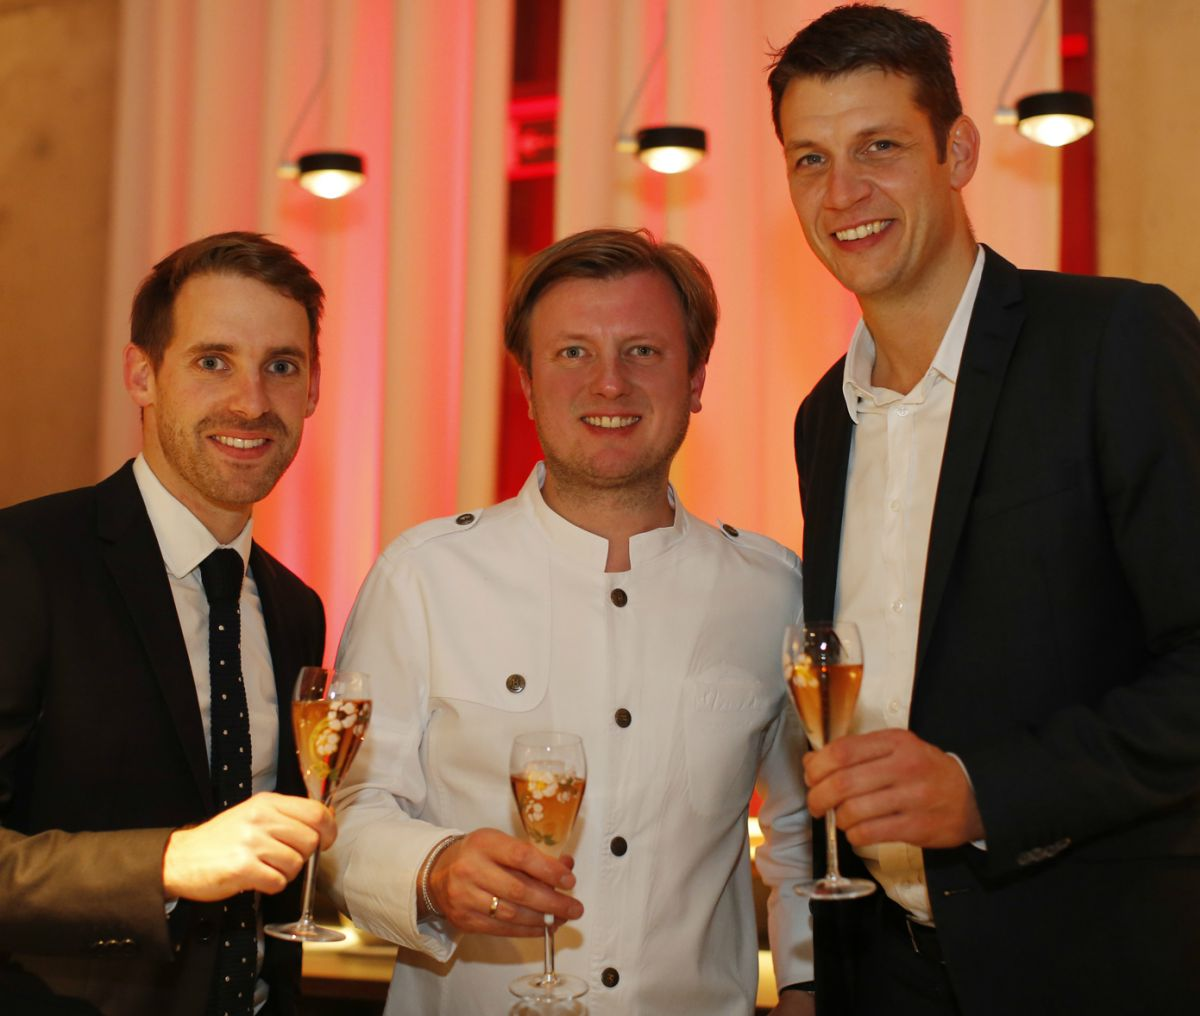 Drei Sterne Koch Kevin Fehling Feierte Mit Dem Champagnerhaus Perrier Jouët    Textschwester